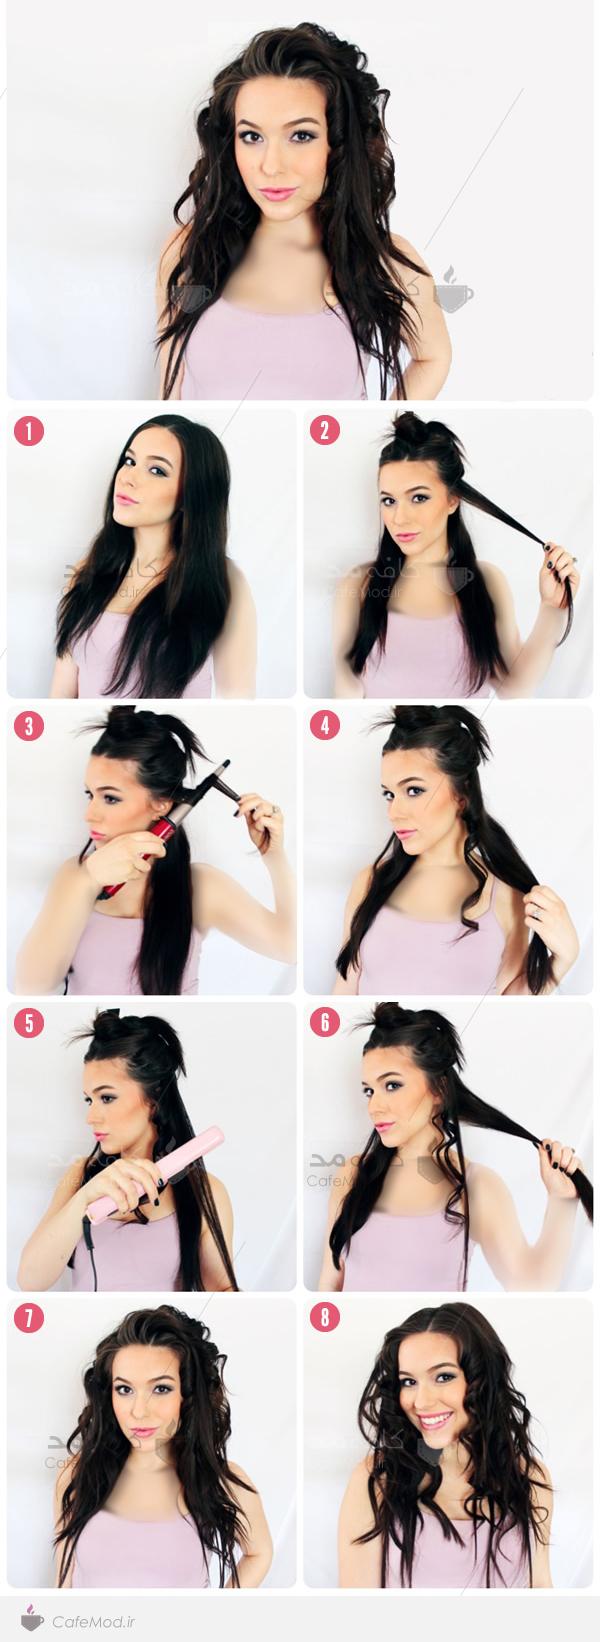 آموزش آرایش مو بصورت باز